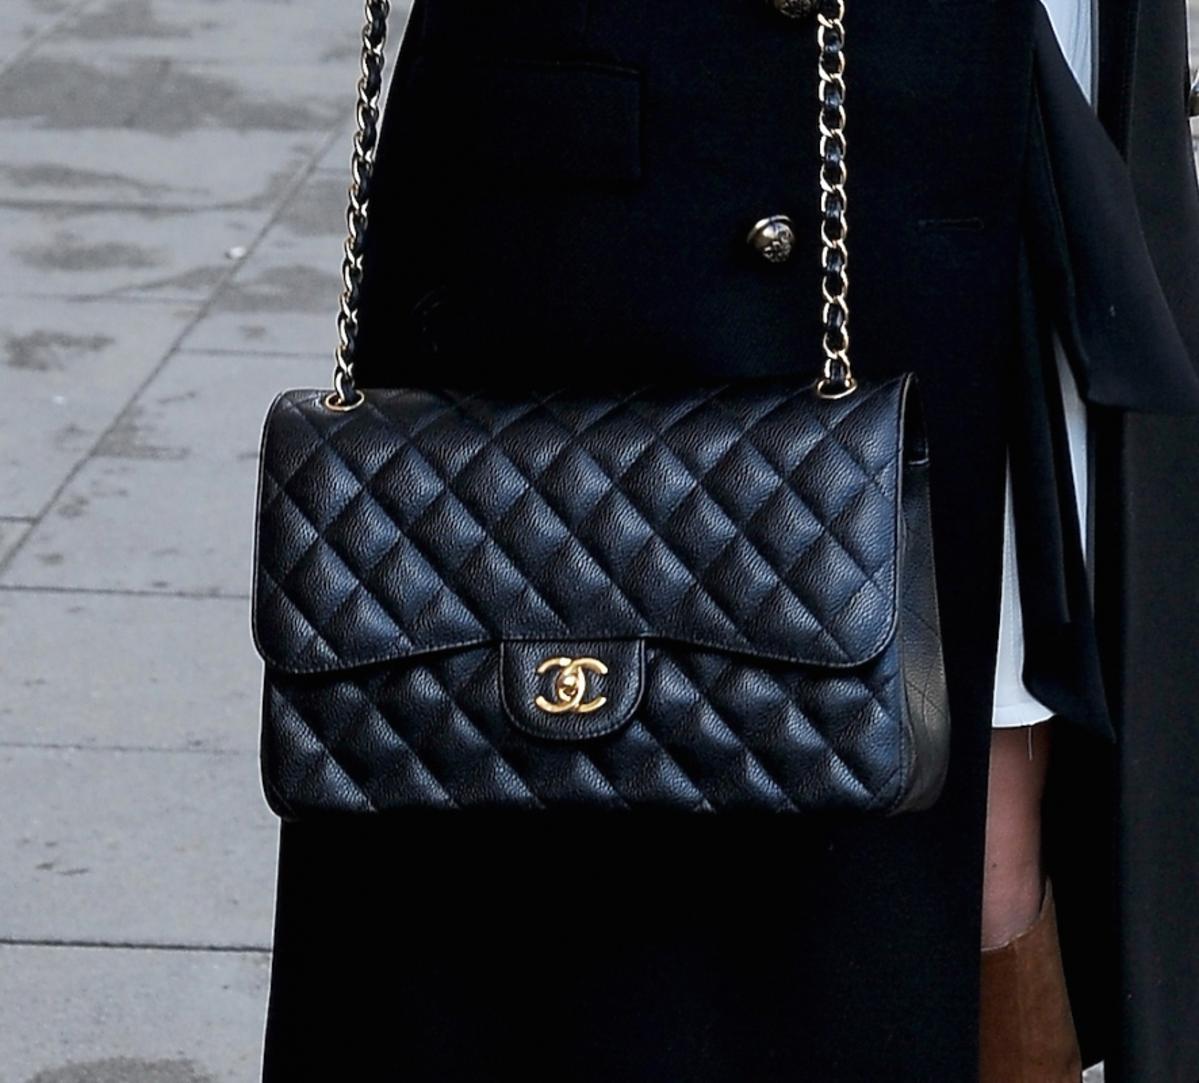 Jessica mercedes z czarną torebą pikowaną chanel